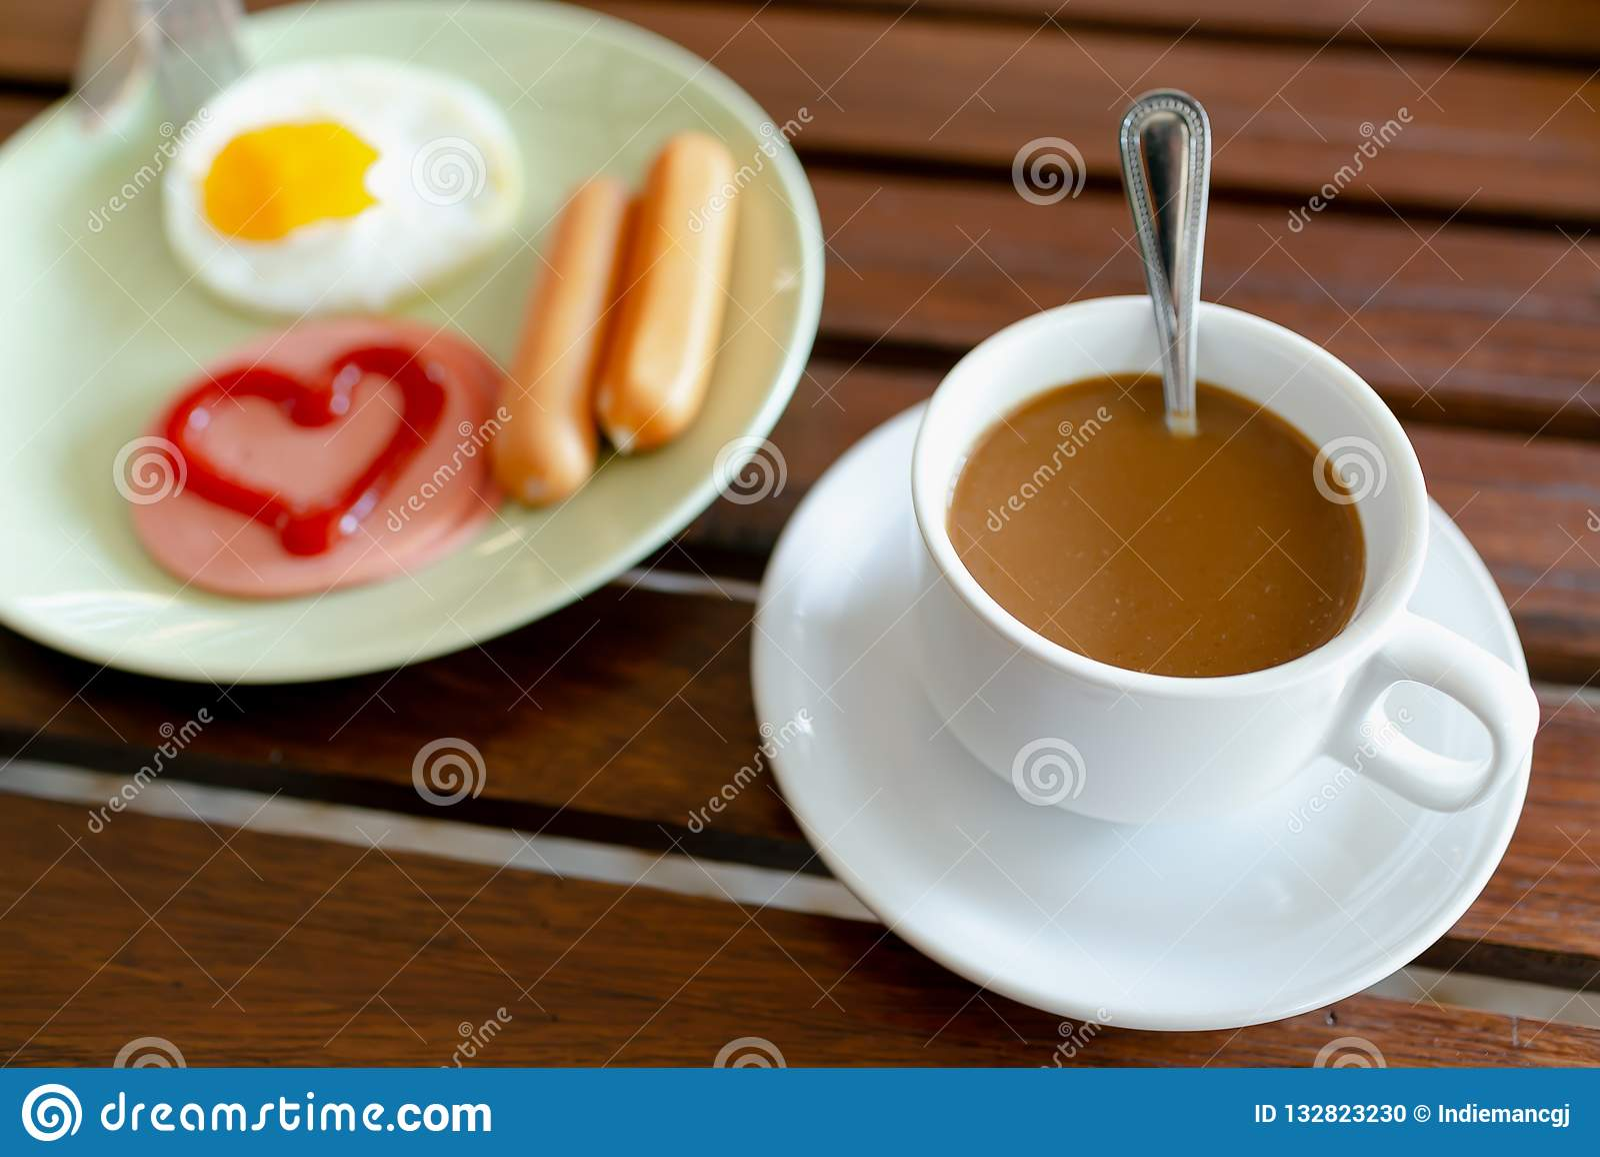 Πρόγευμα, αυγά, λουκάνικα, ζαμπόν και μαύρος καφές